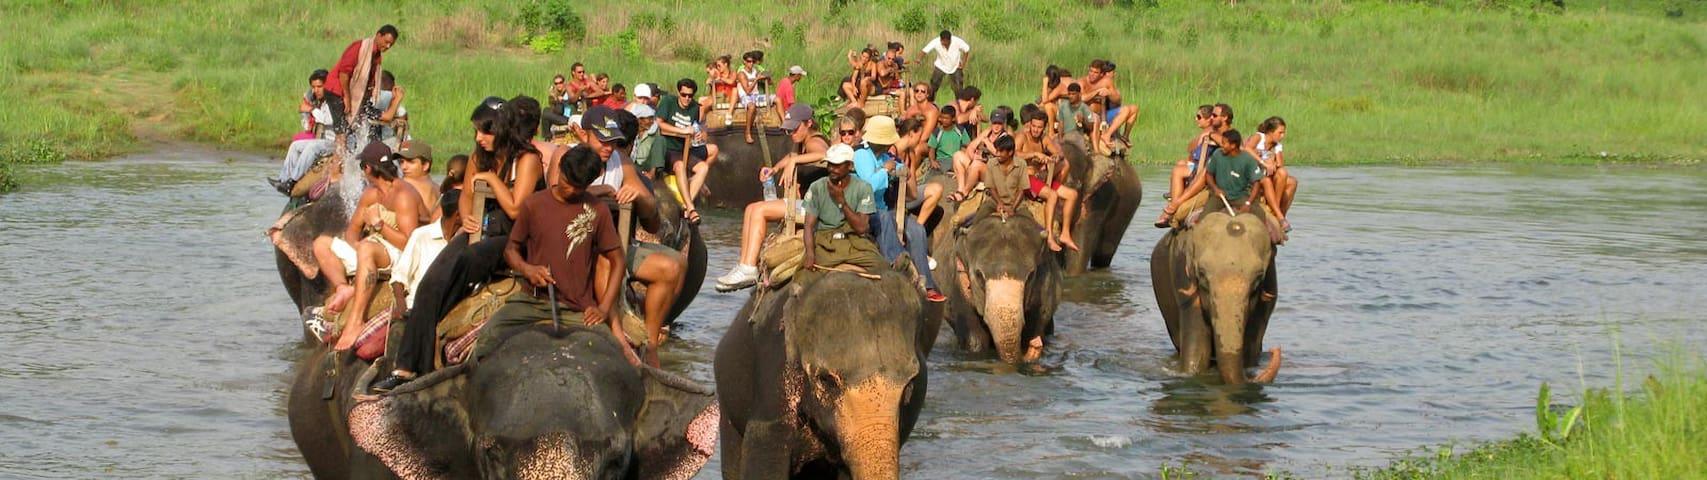 Chitwan Jungle Safari Attach Room